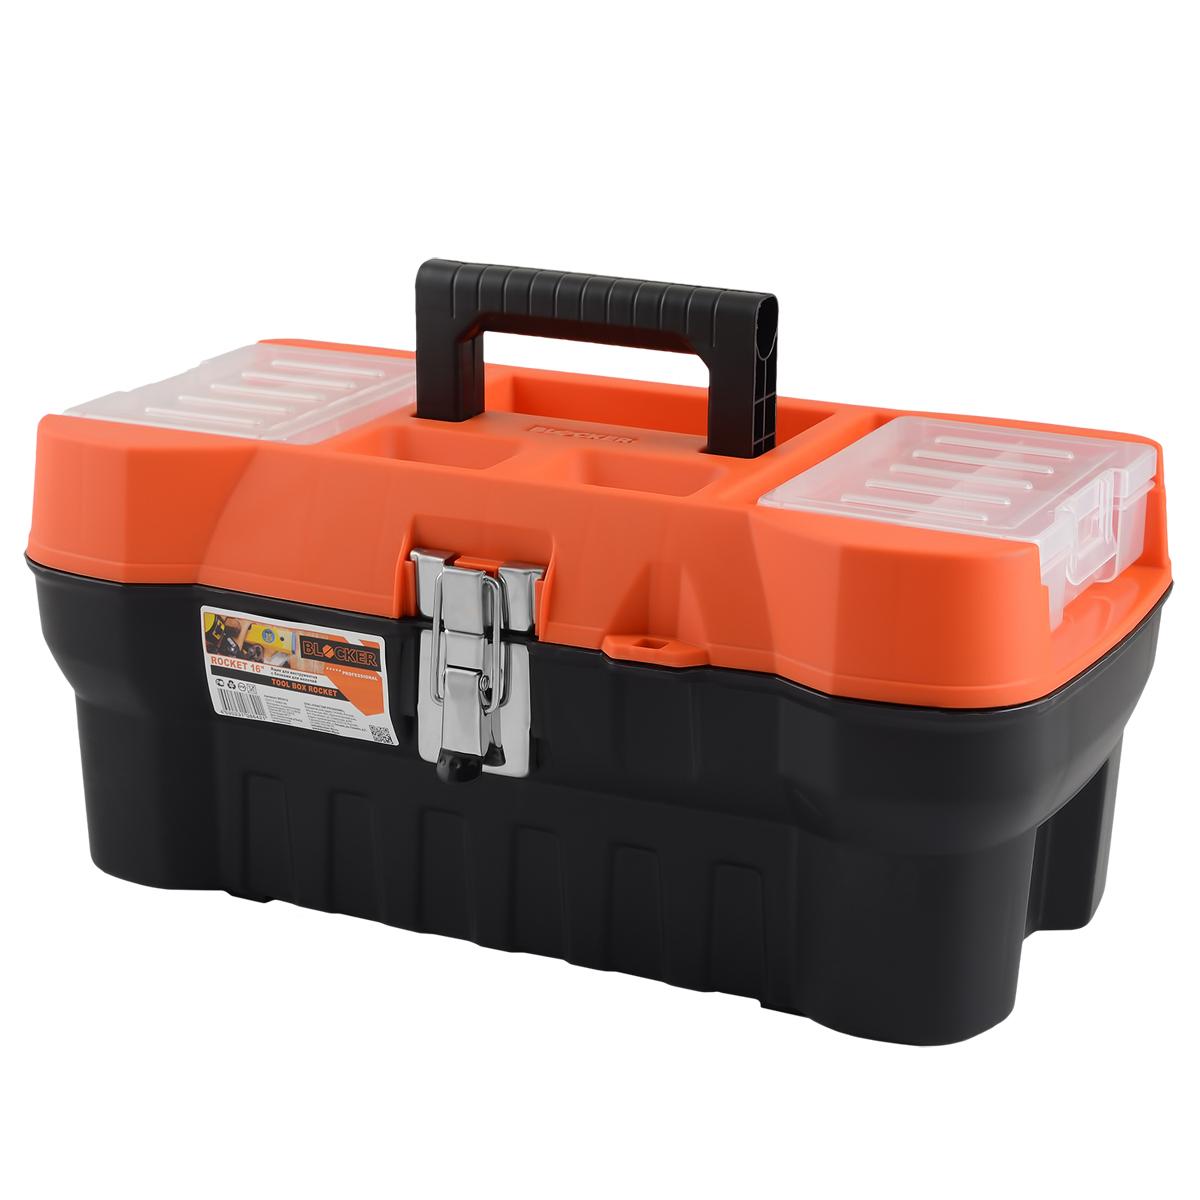 Ящик для инструментов Blocker Rocket, цвет: черный, оранжевый, 408 х 210 х 180 ммBR3913ЧРОРСовременный, функциональный и продвинутый ящик Blocker Rocket предназначен для хранения и переноски инструментов. Стальной замок помогает ящику выдерживать повышенную нагрузку. Крышка снабжена блоками для хранения мелких скобяных изделий.